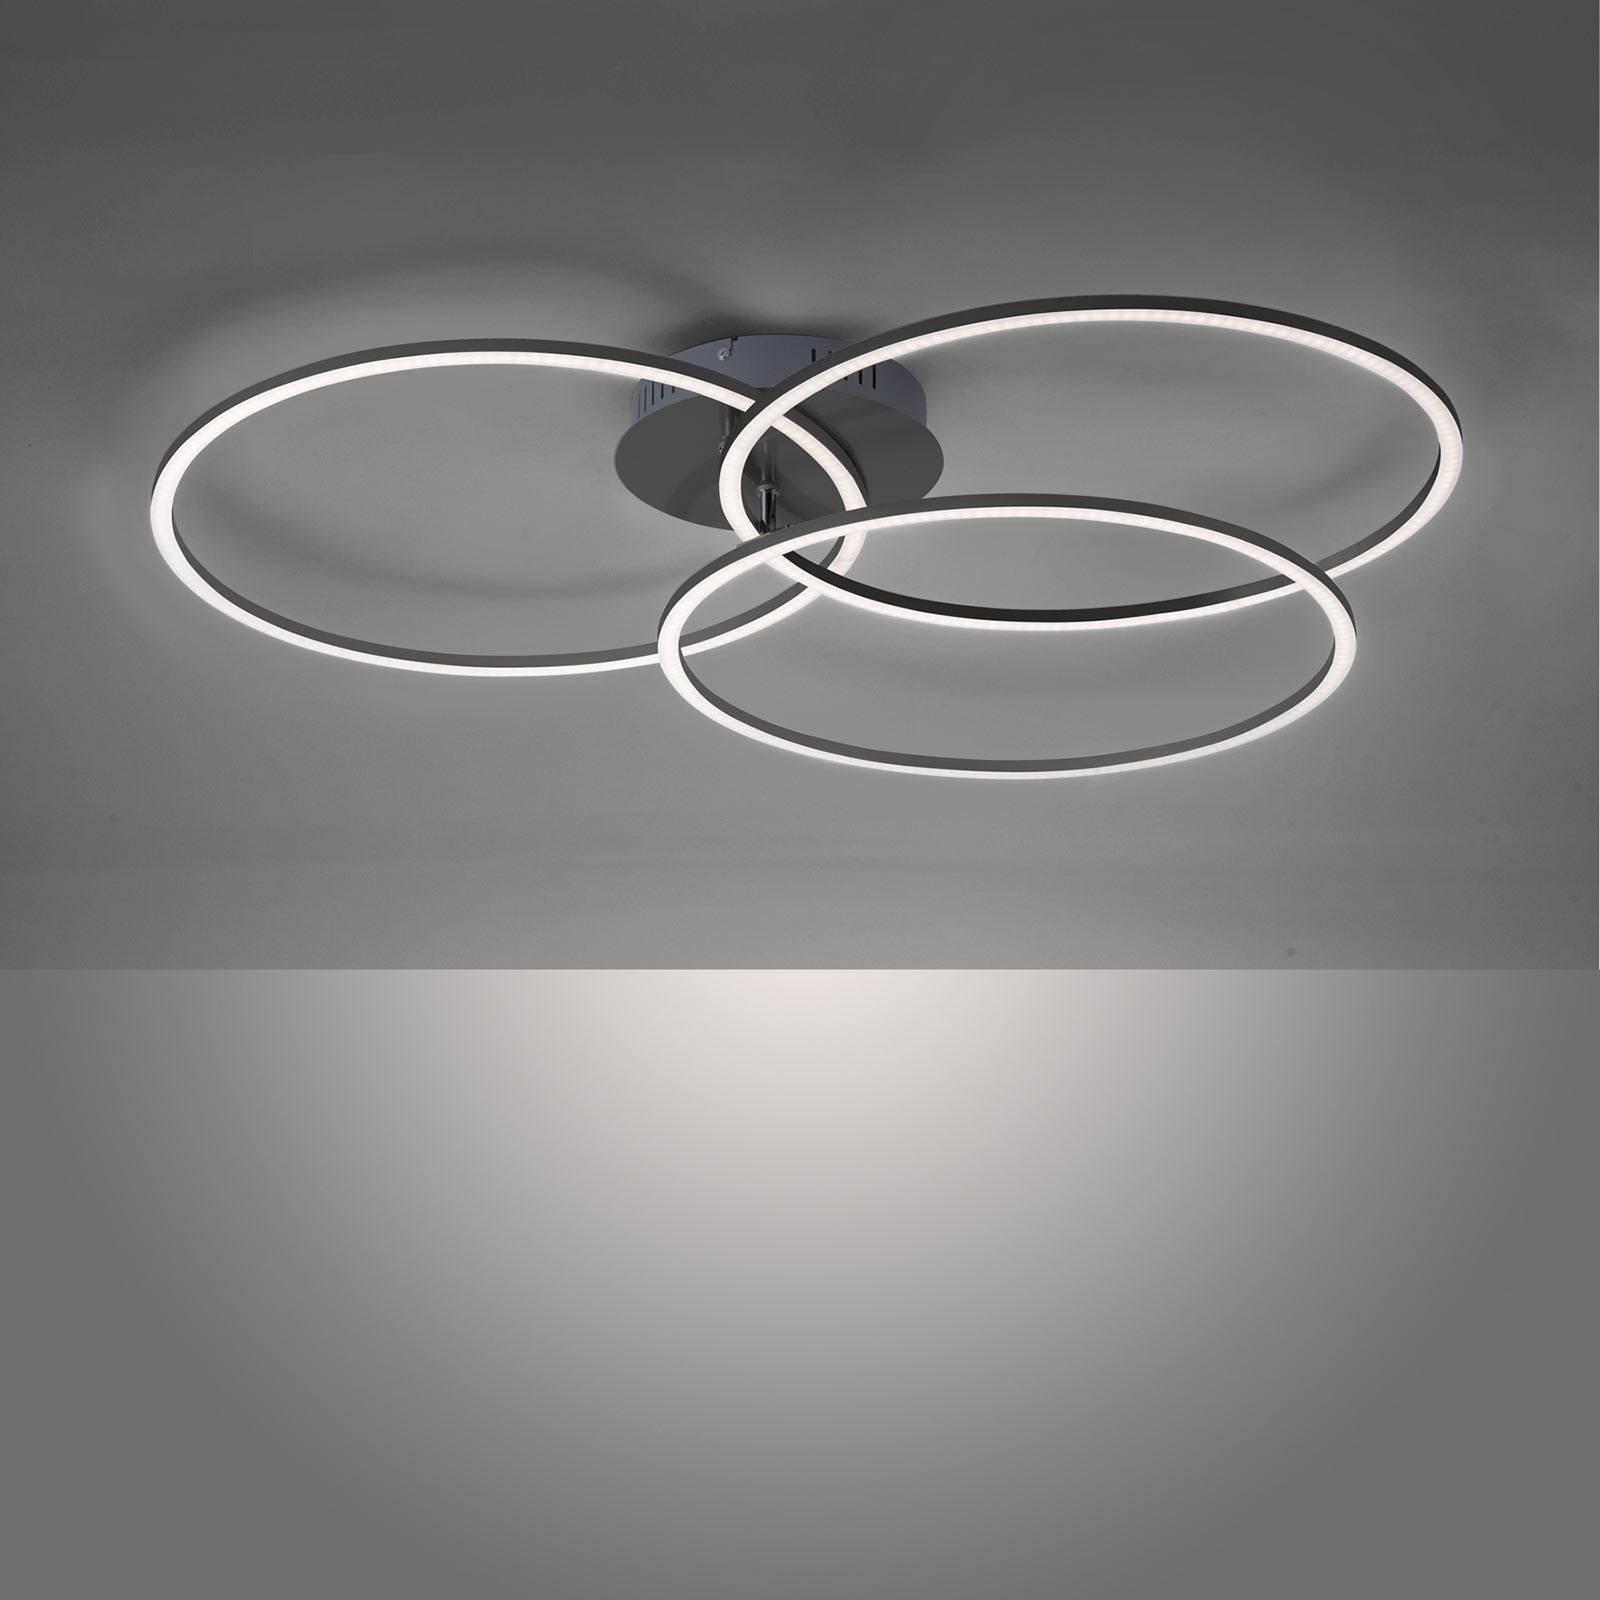 Ivanka LED-taklampe, tre ringer, svart